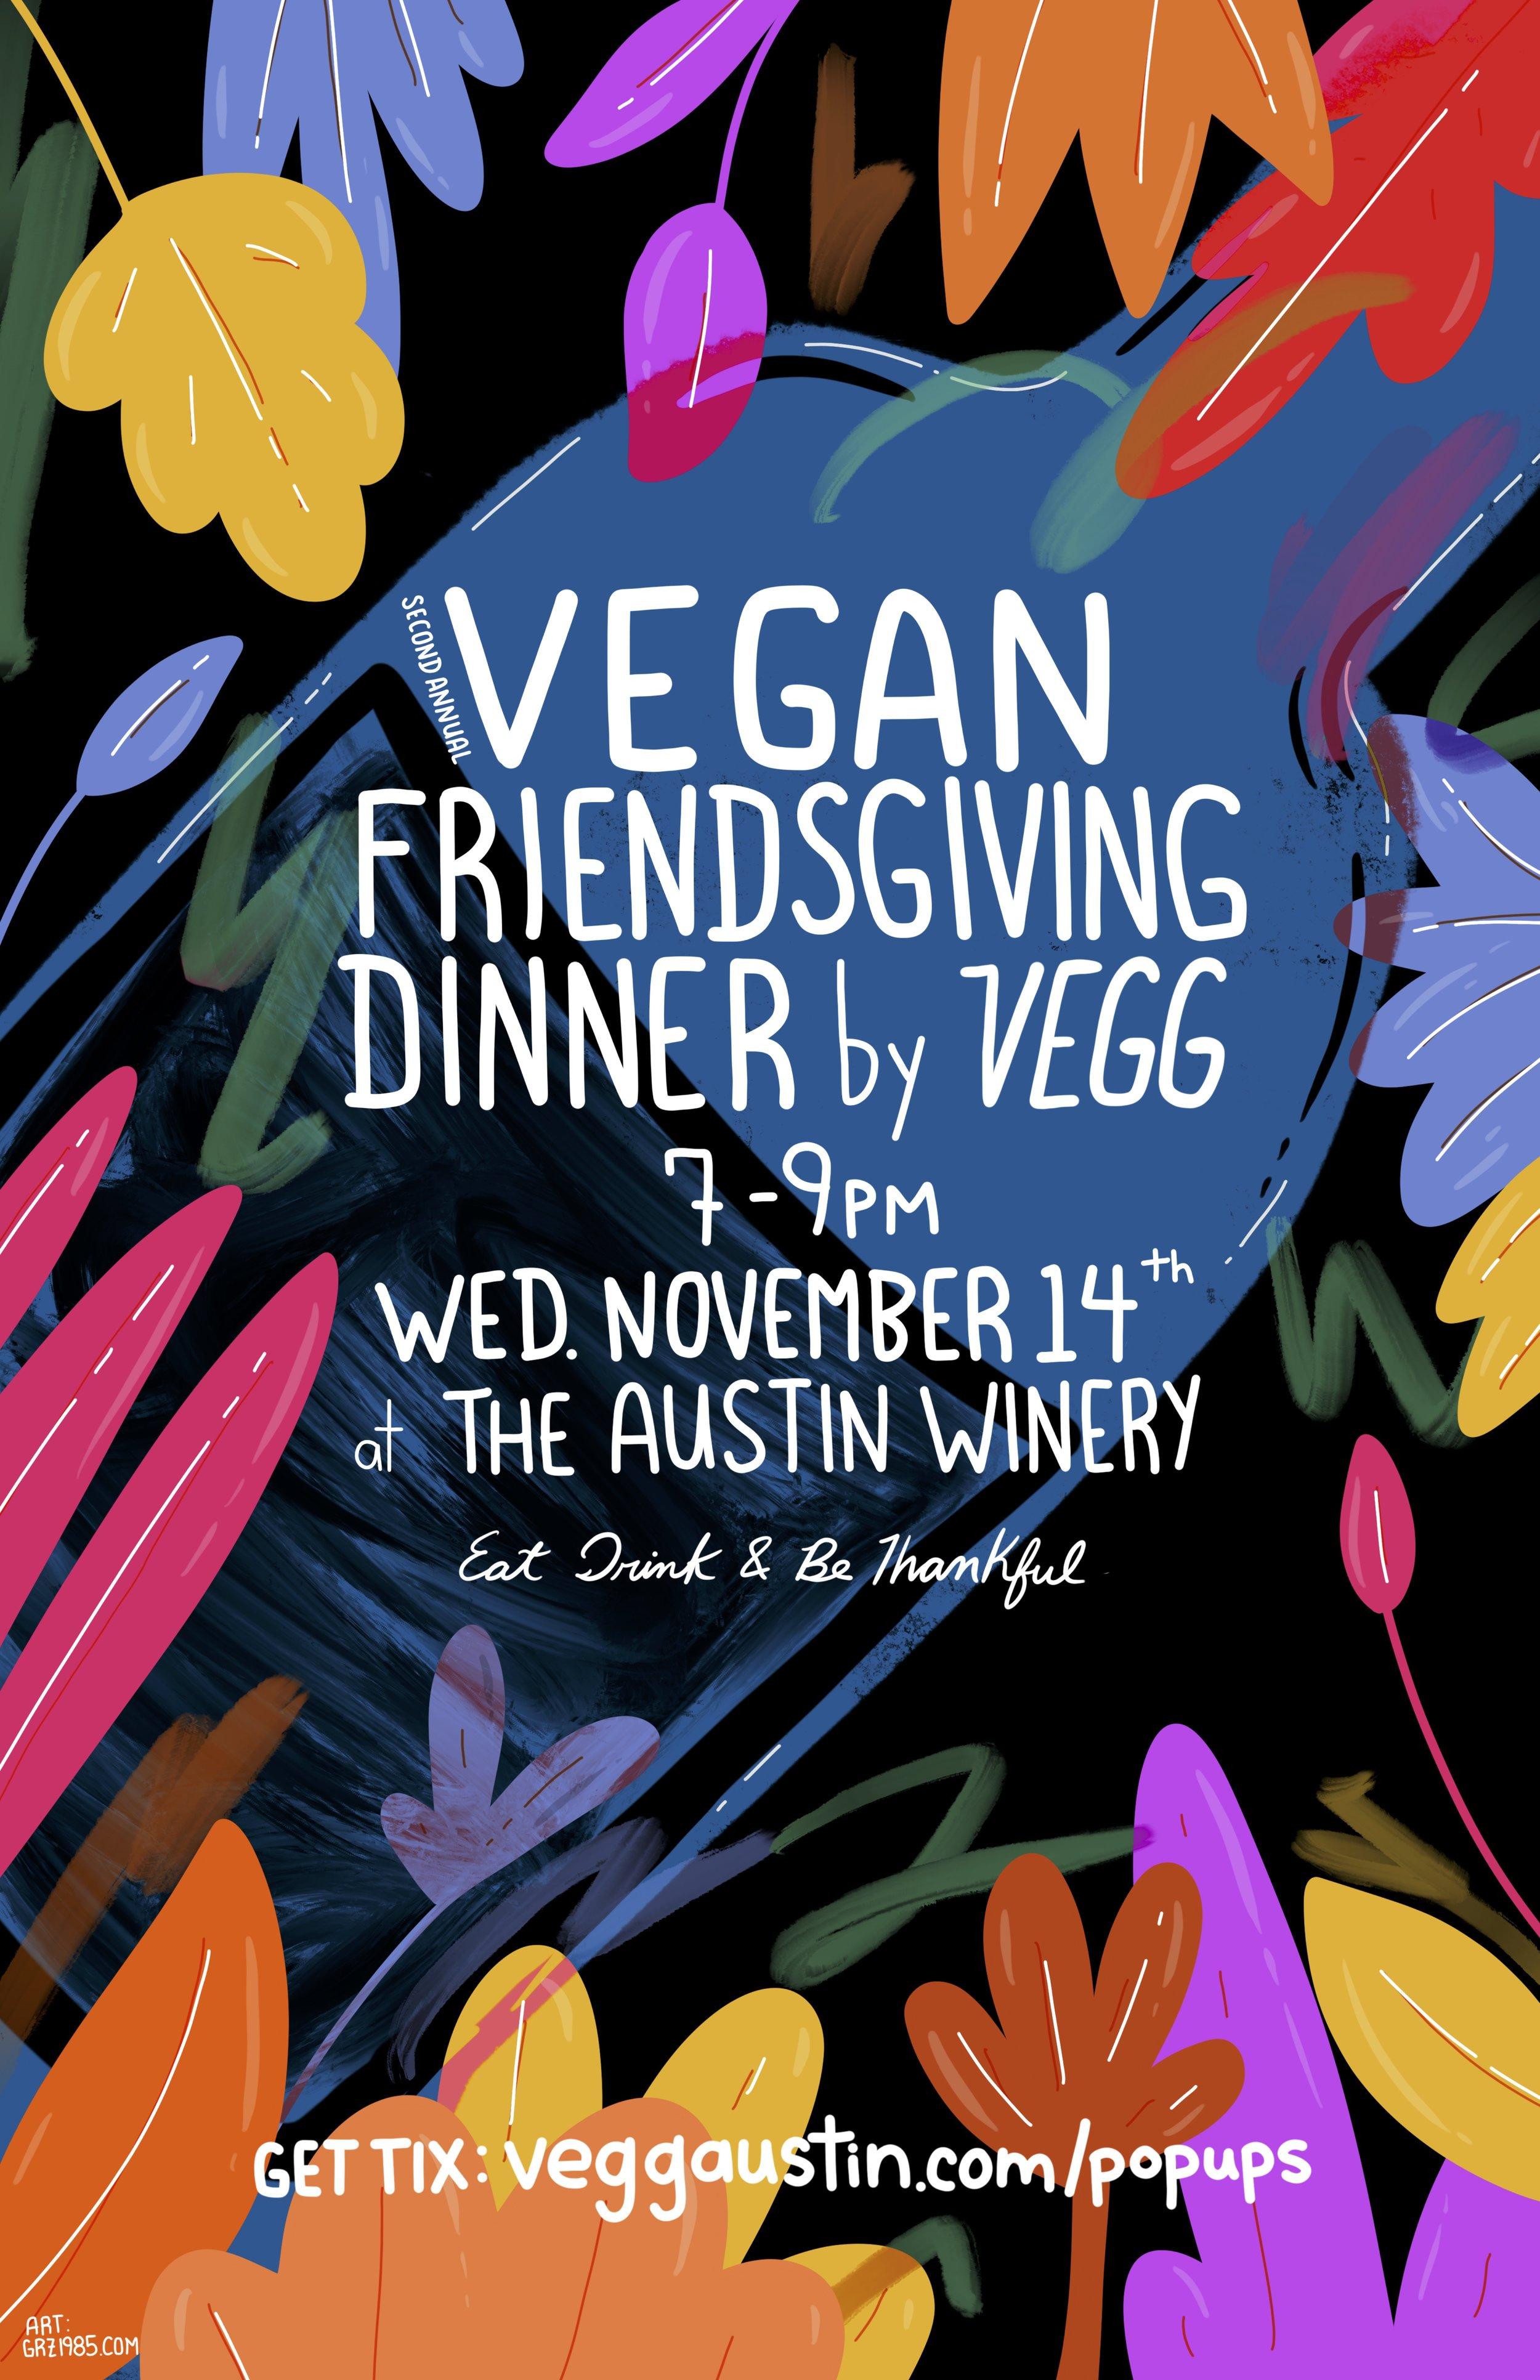 vegan thanksgiving vegg